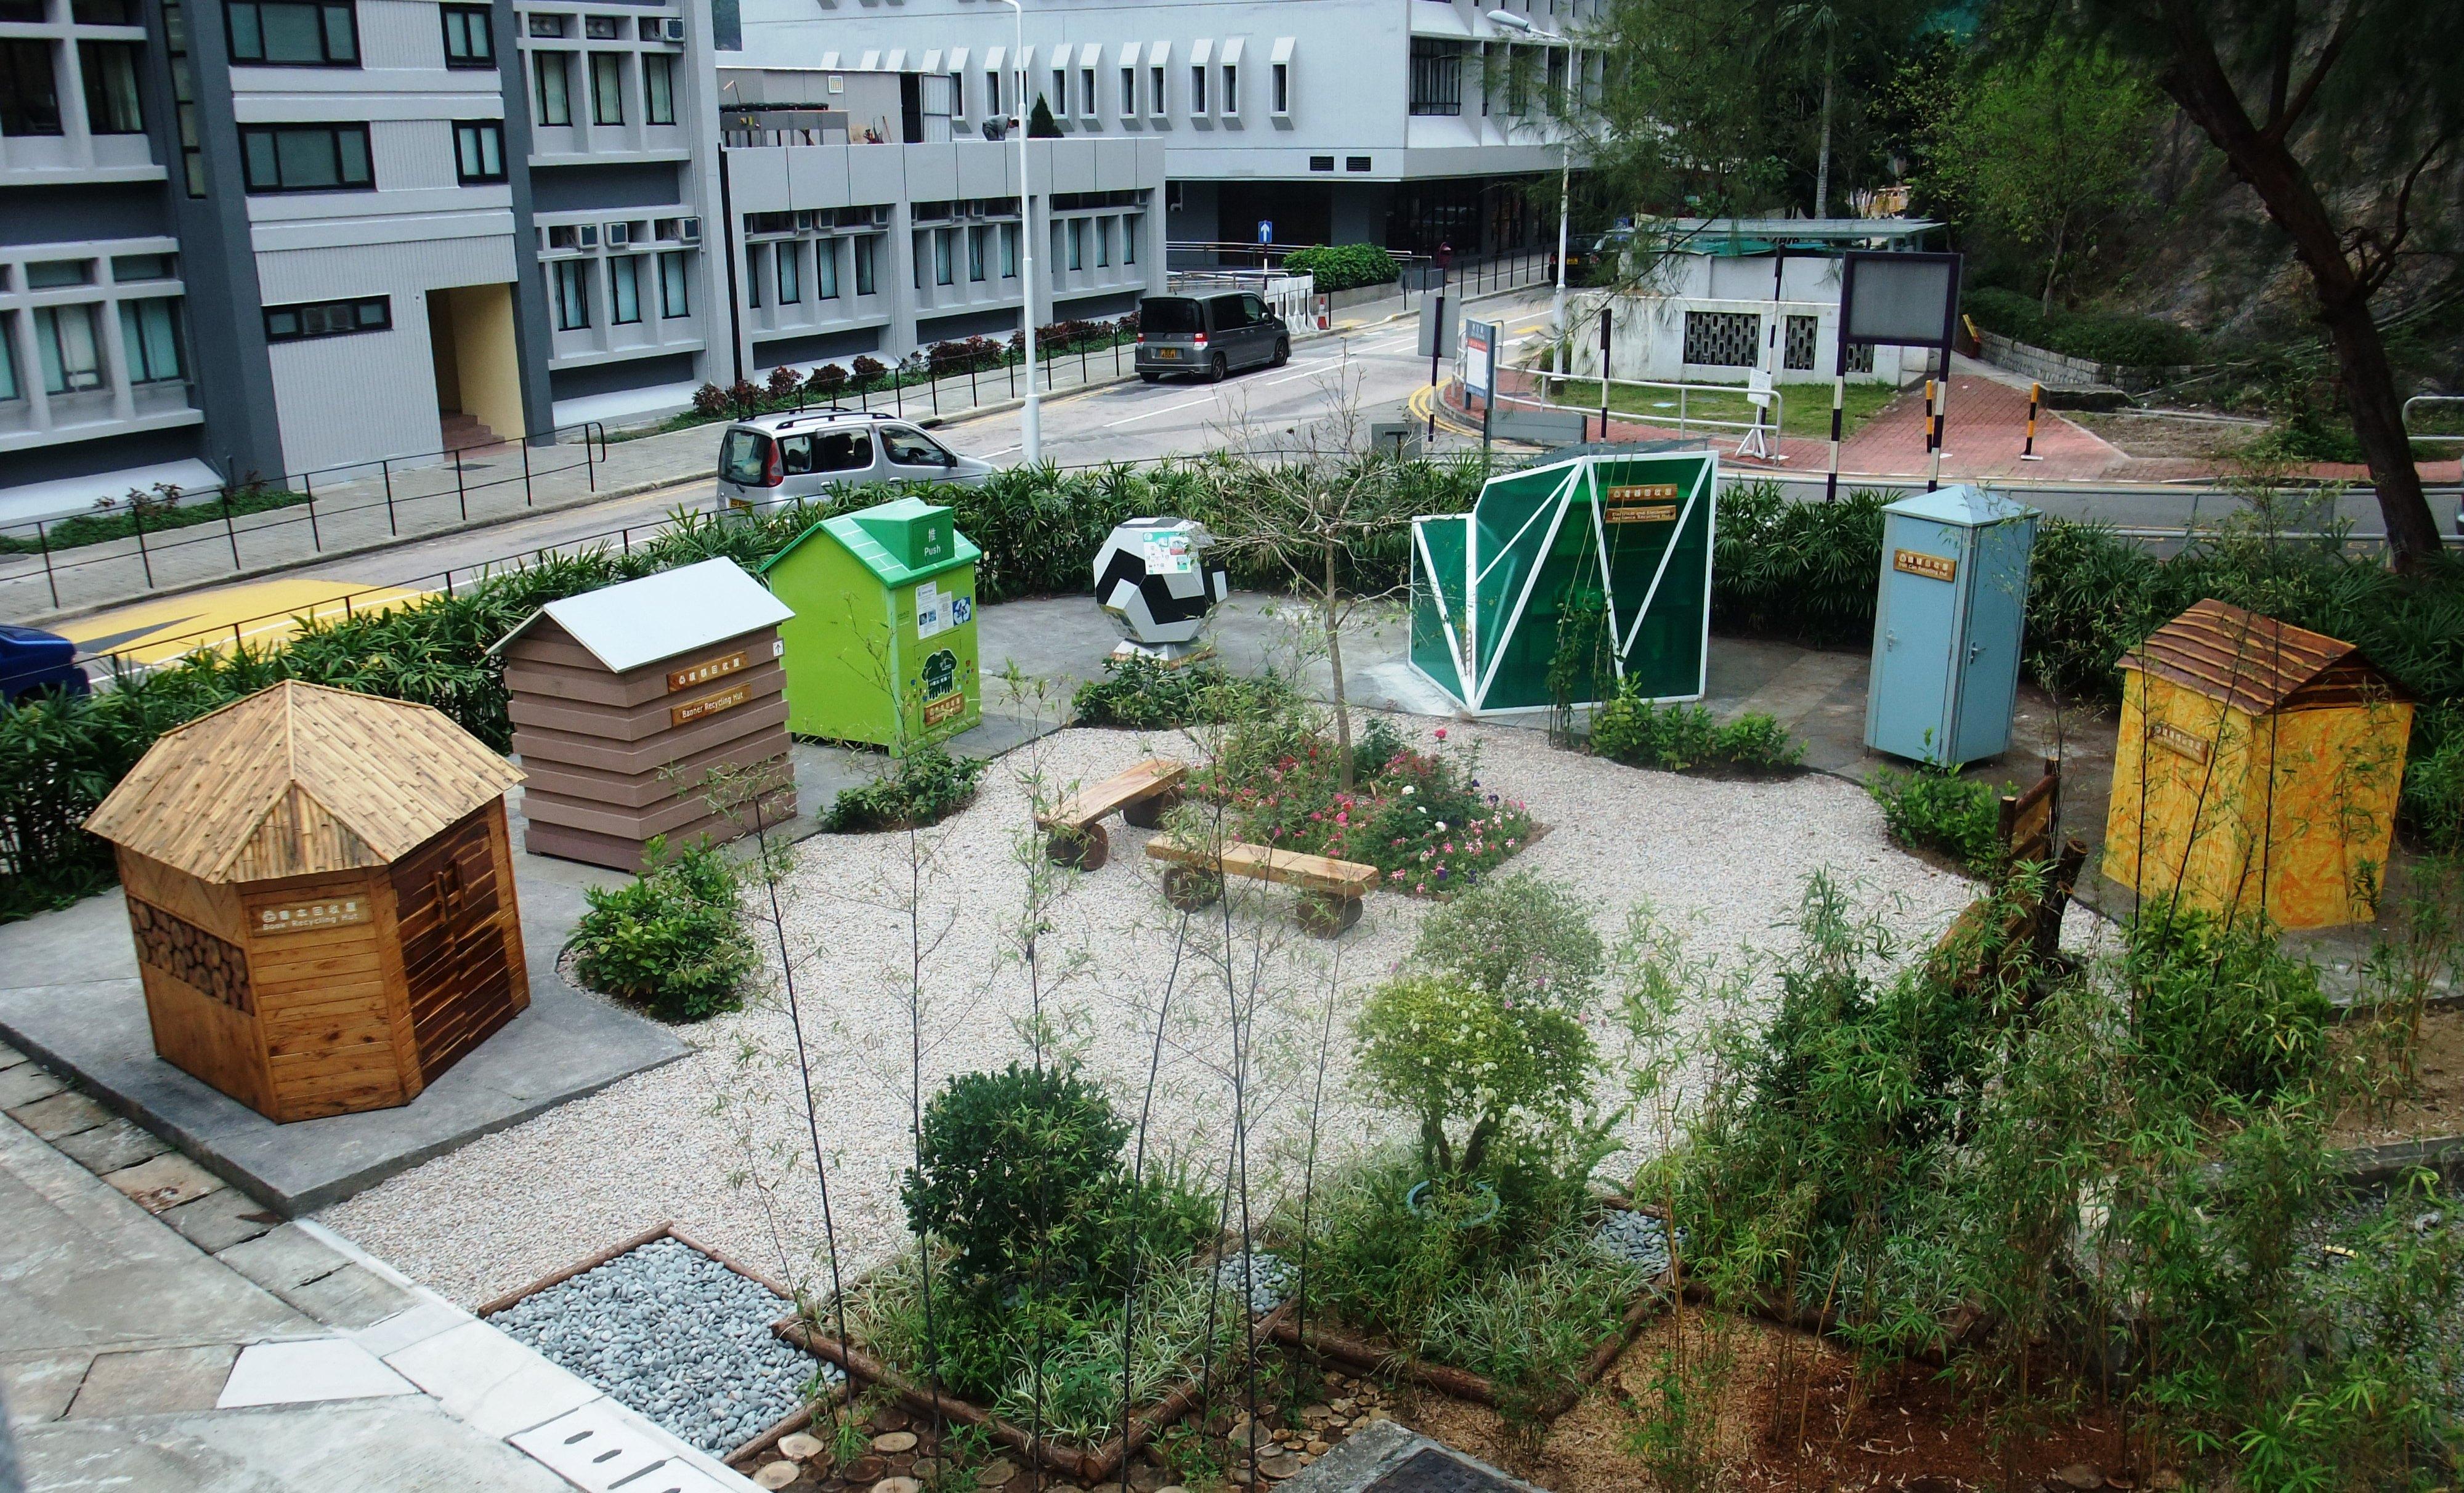 「再生園」設有七間設計獨特的回收屋,分別為(左起):書本回收屋、横額回收屋、舊衣及光碟回收屋、玩具及禮品回收屋、電器回收屋、鐵罐回收屋及玻璃瓶回收屋